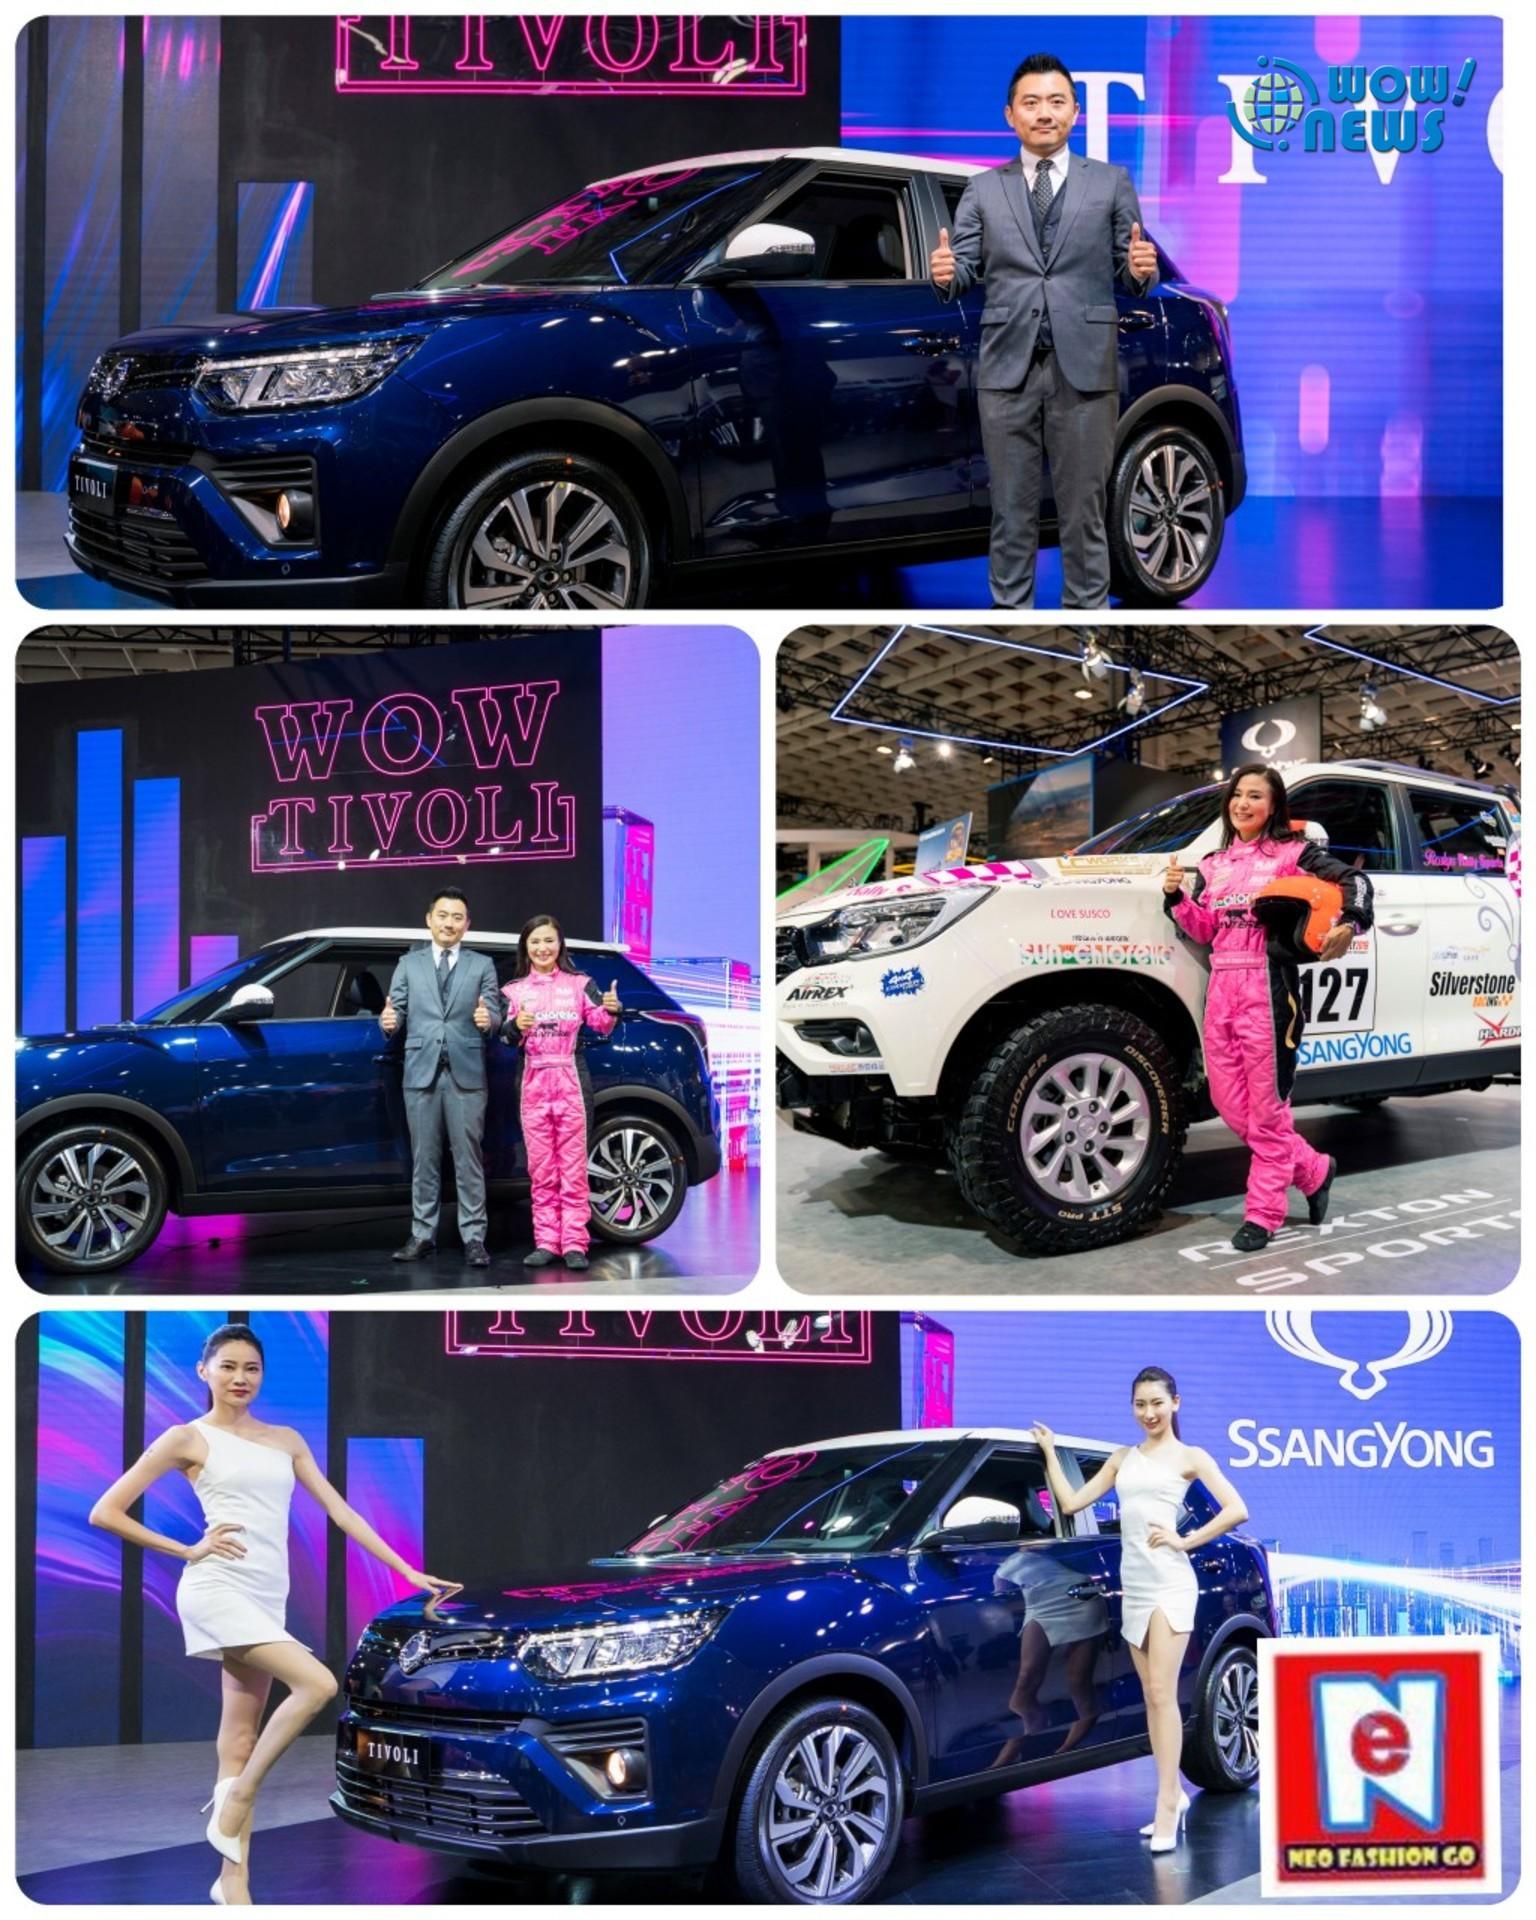 2020「世界新車大展」精彩絕倫:3.SsangYong TIVOLI安全型動新進化登場